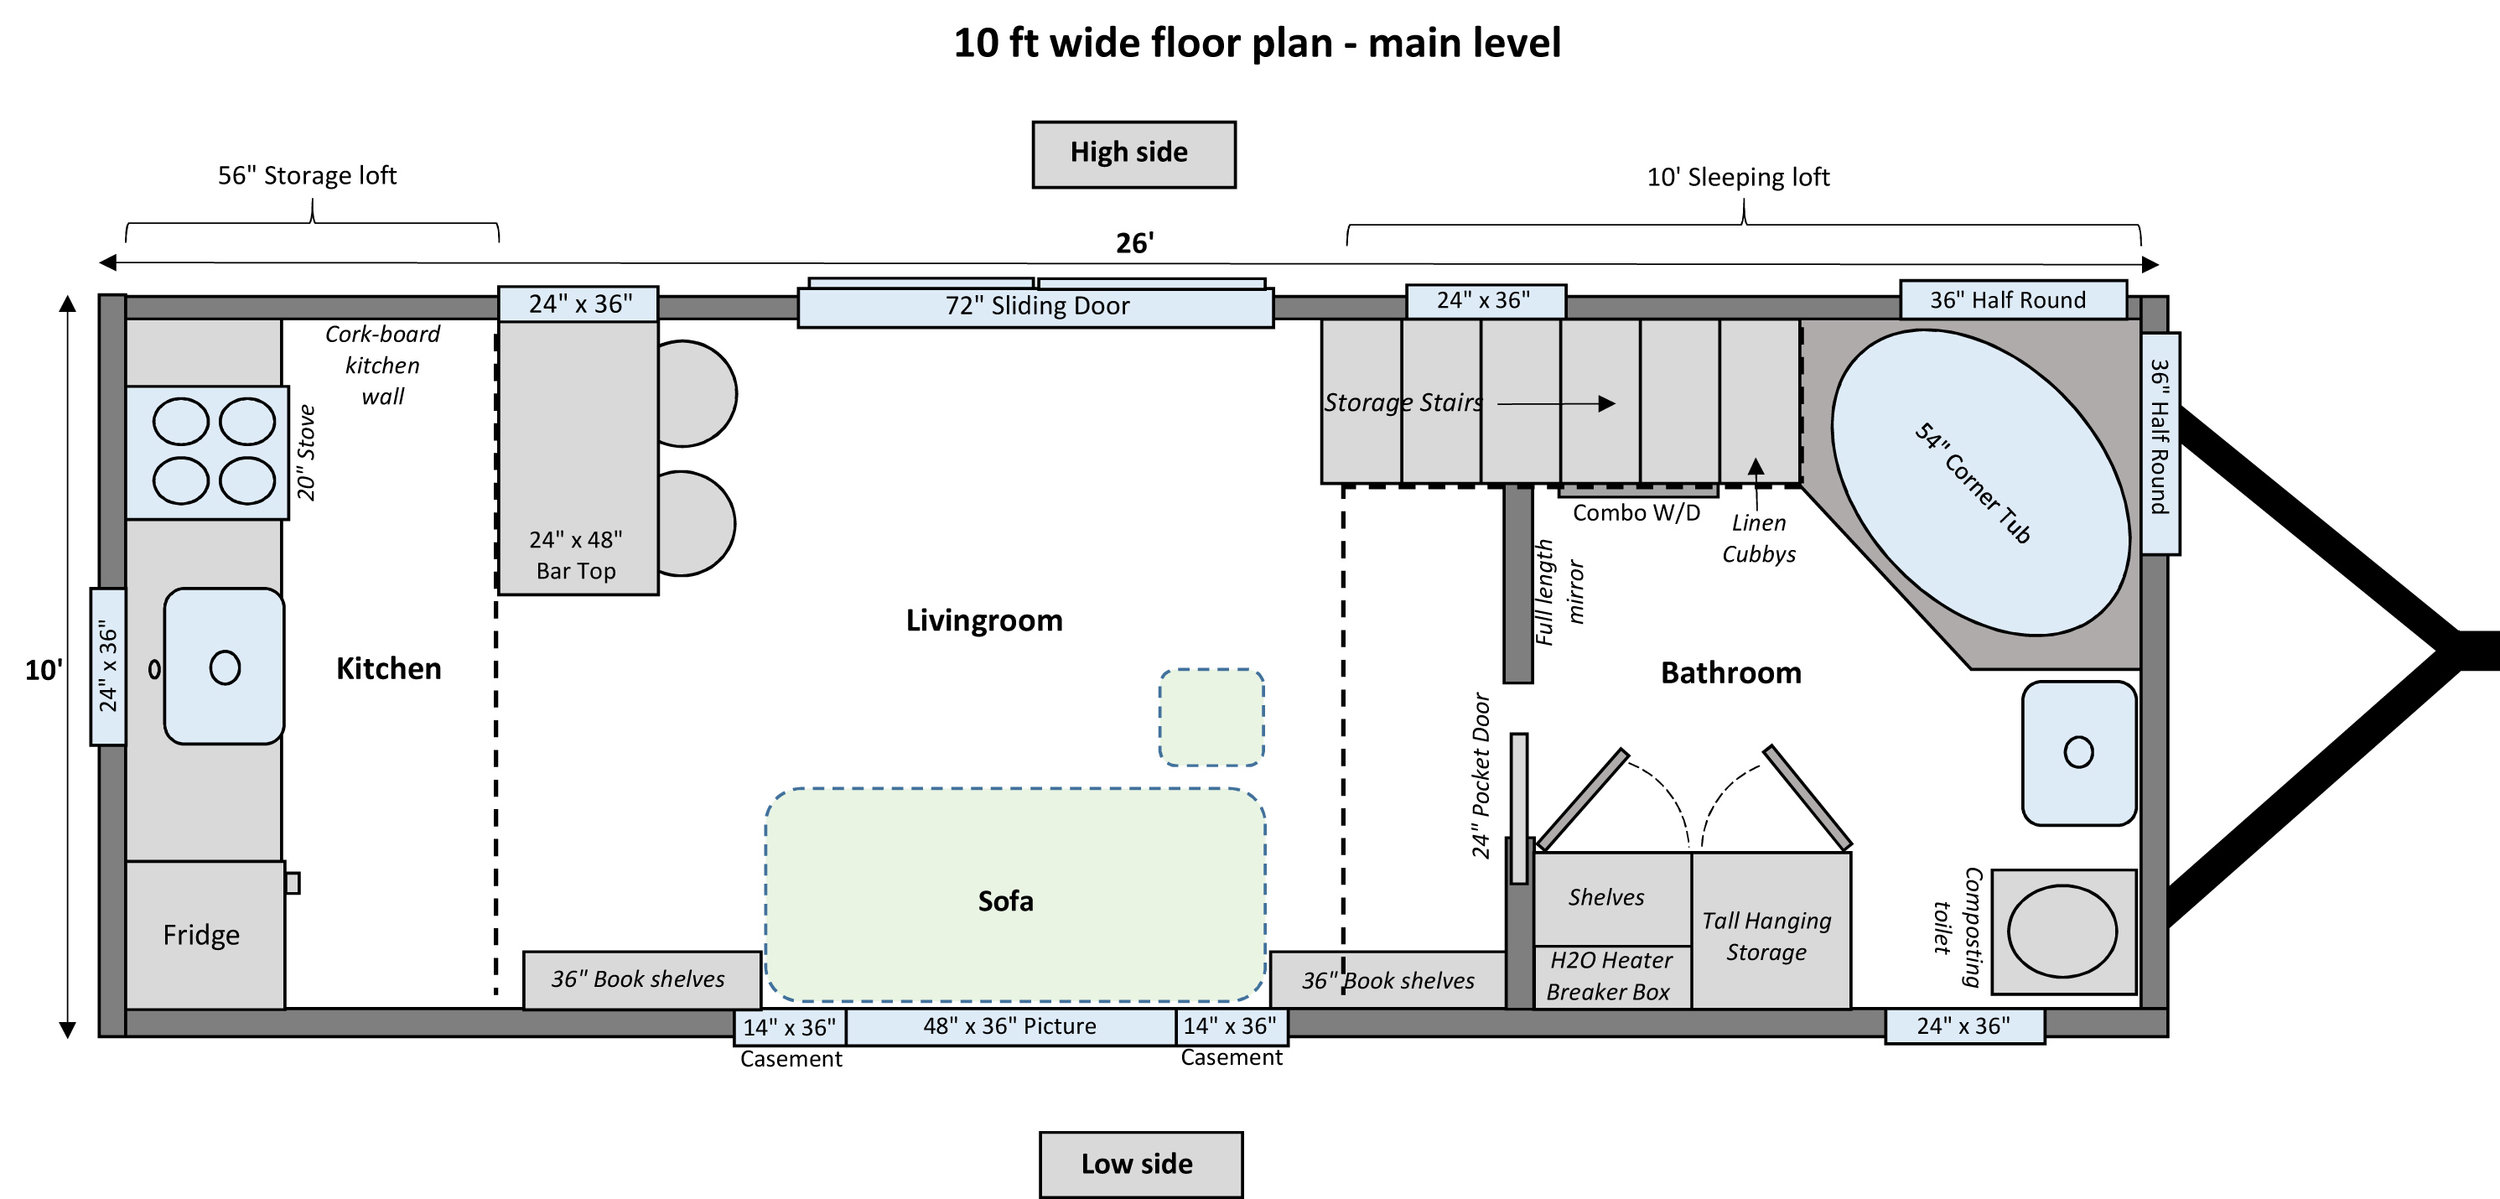 10 foot wide floor plan - main level.jpg